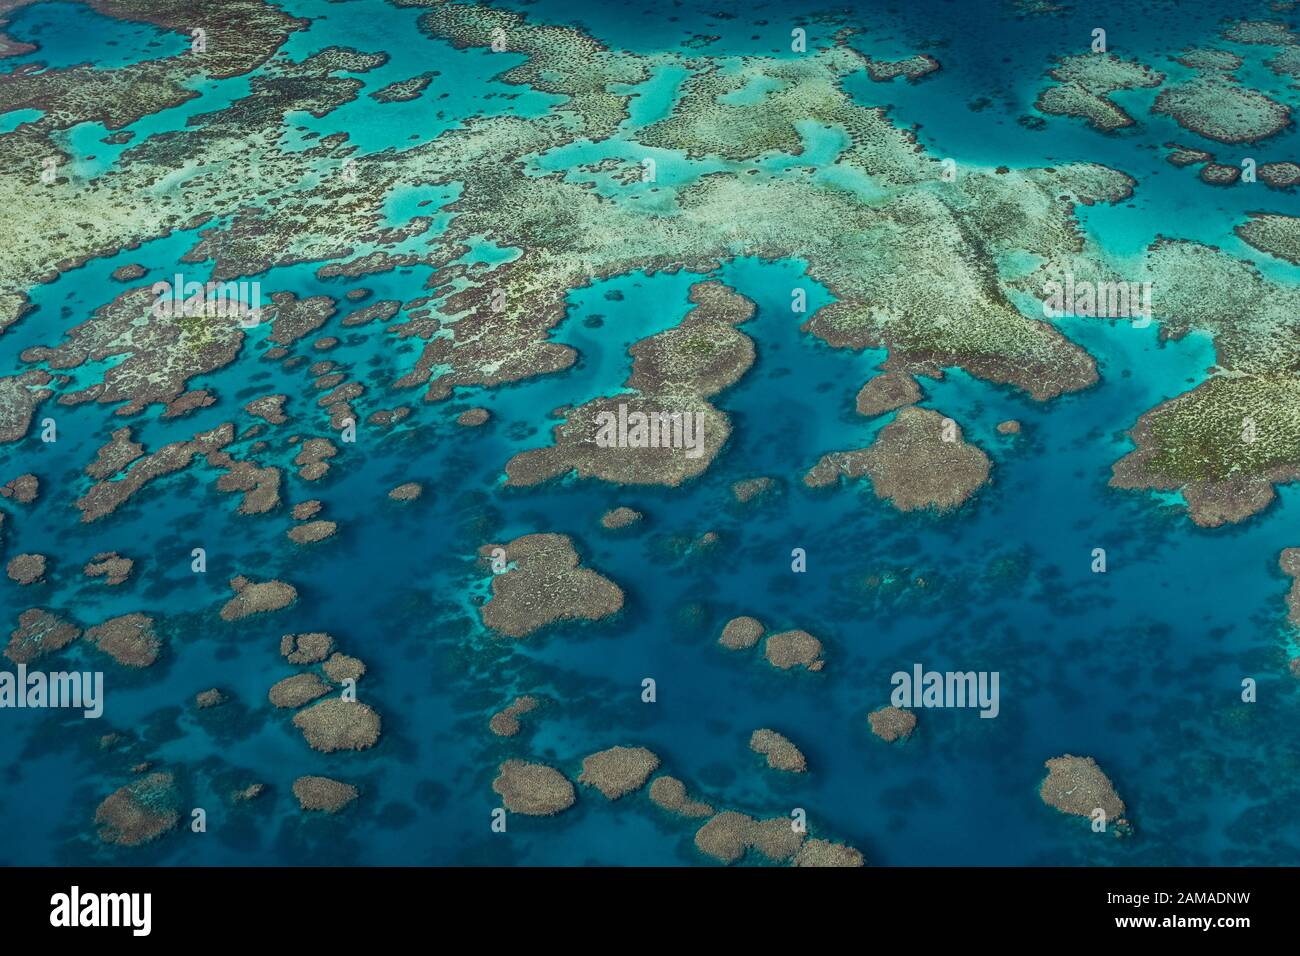 Vue aérienne de la célèbre Grande Barrière de Corail. Banque D'Images